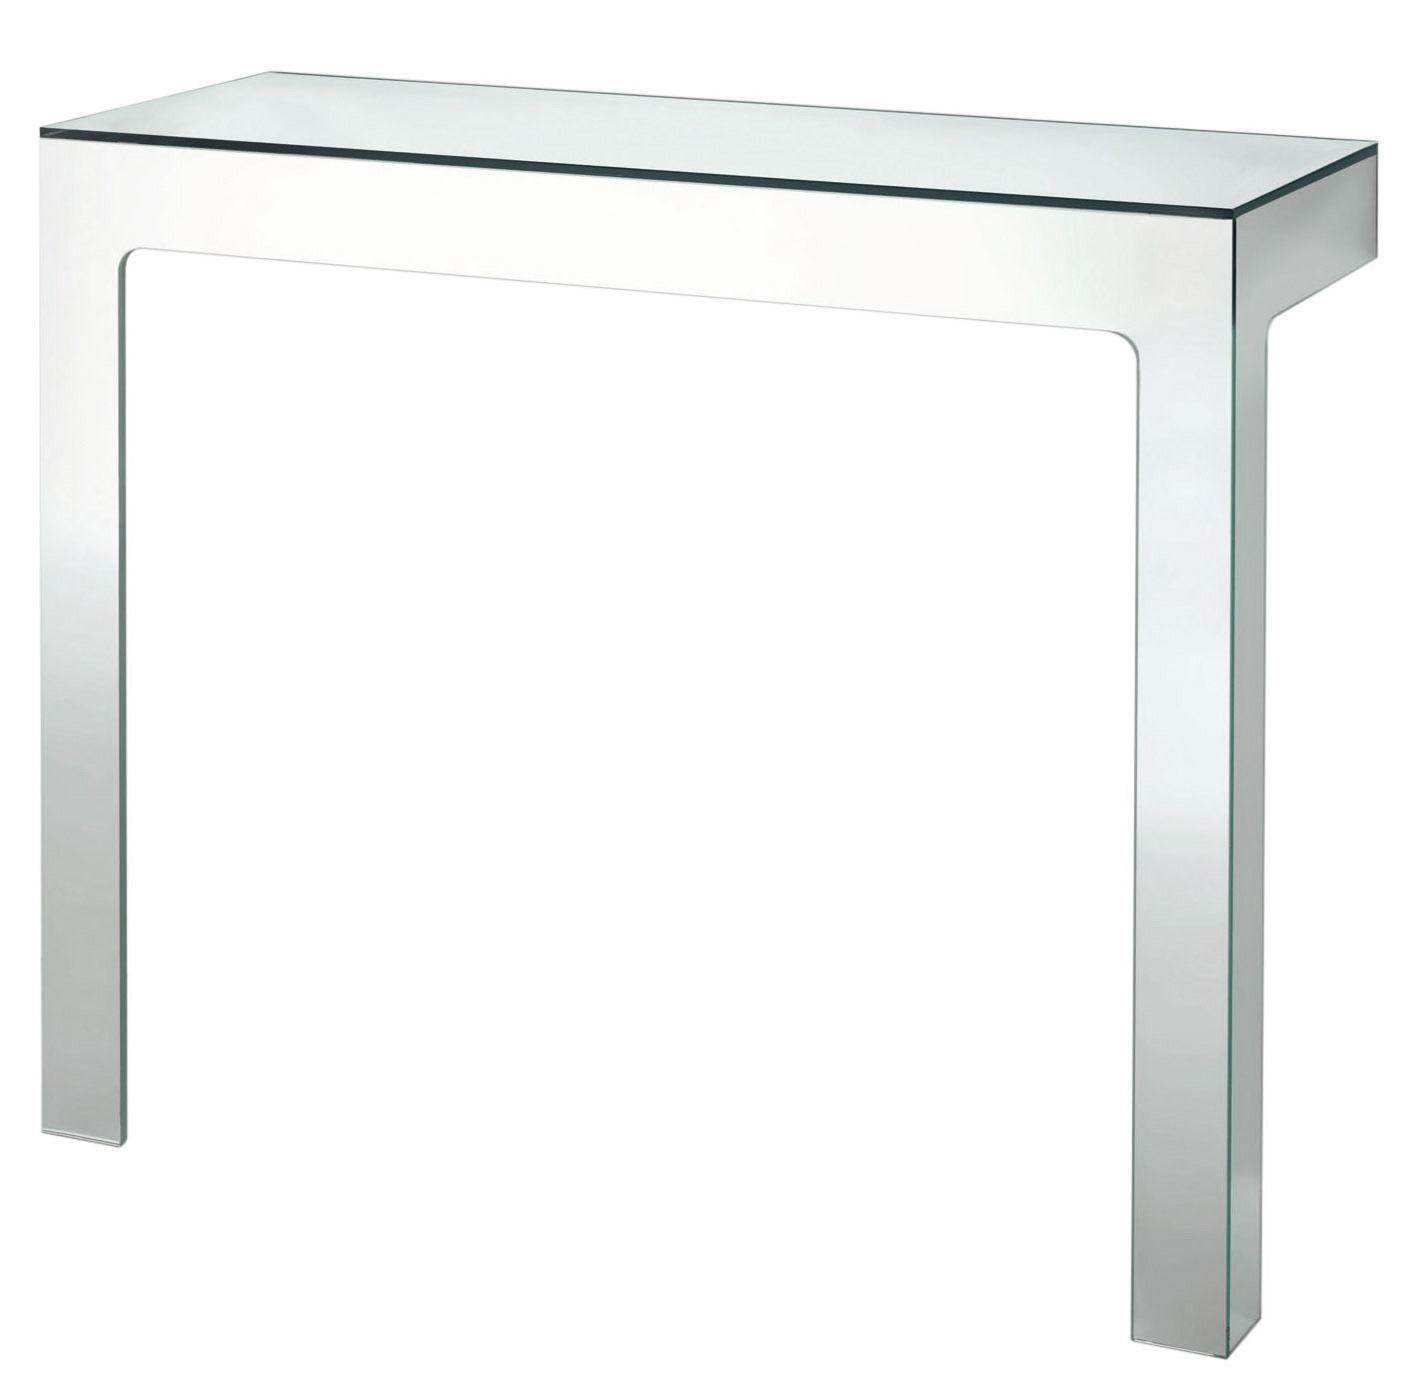 Furniture - Console Tables - Mirror Mirror Console - 110 x 38 cm by Glas Italia - Mirror - Mirror